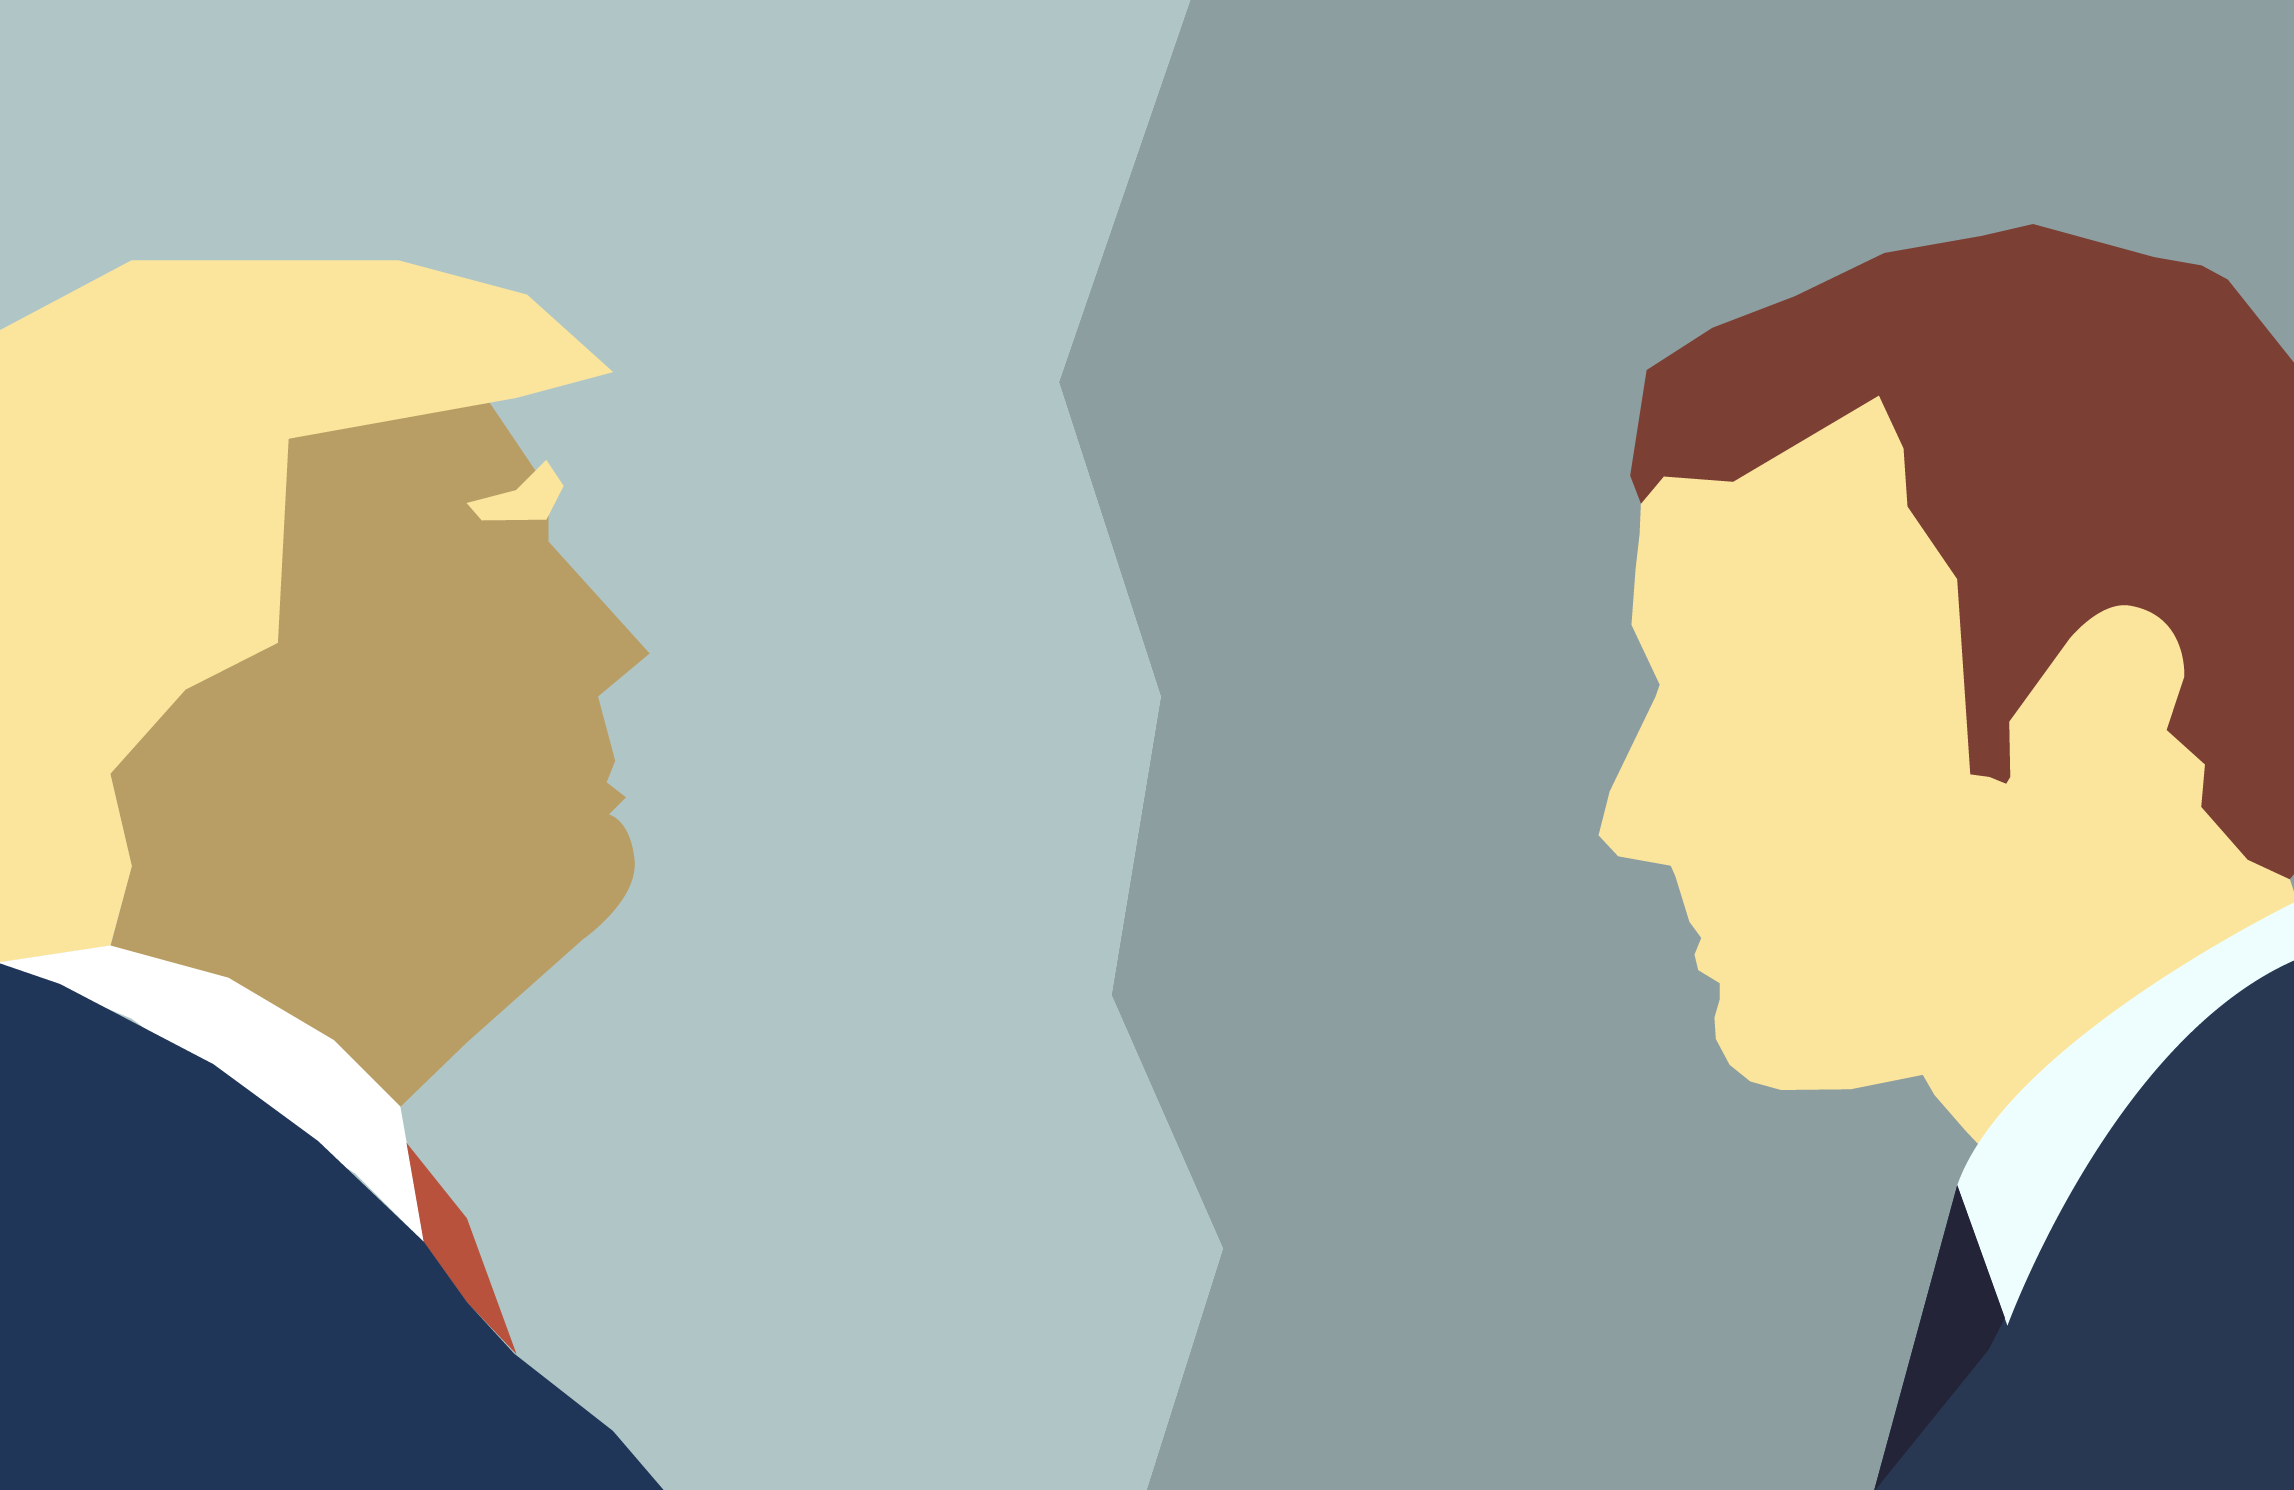 L'impact troublant du Covid-19 sur les relations transatlantiques